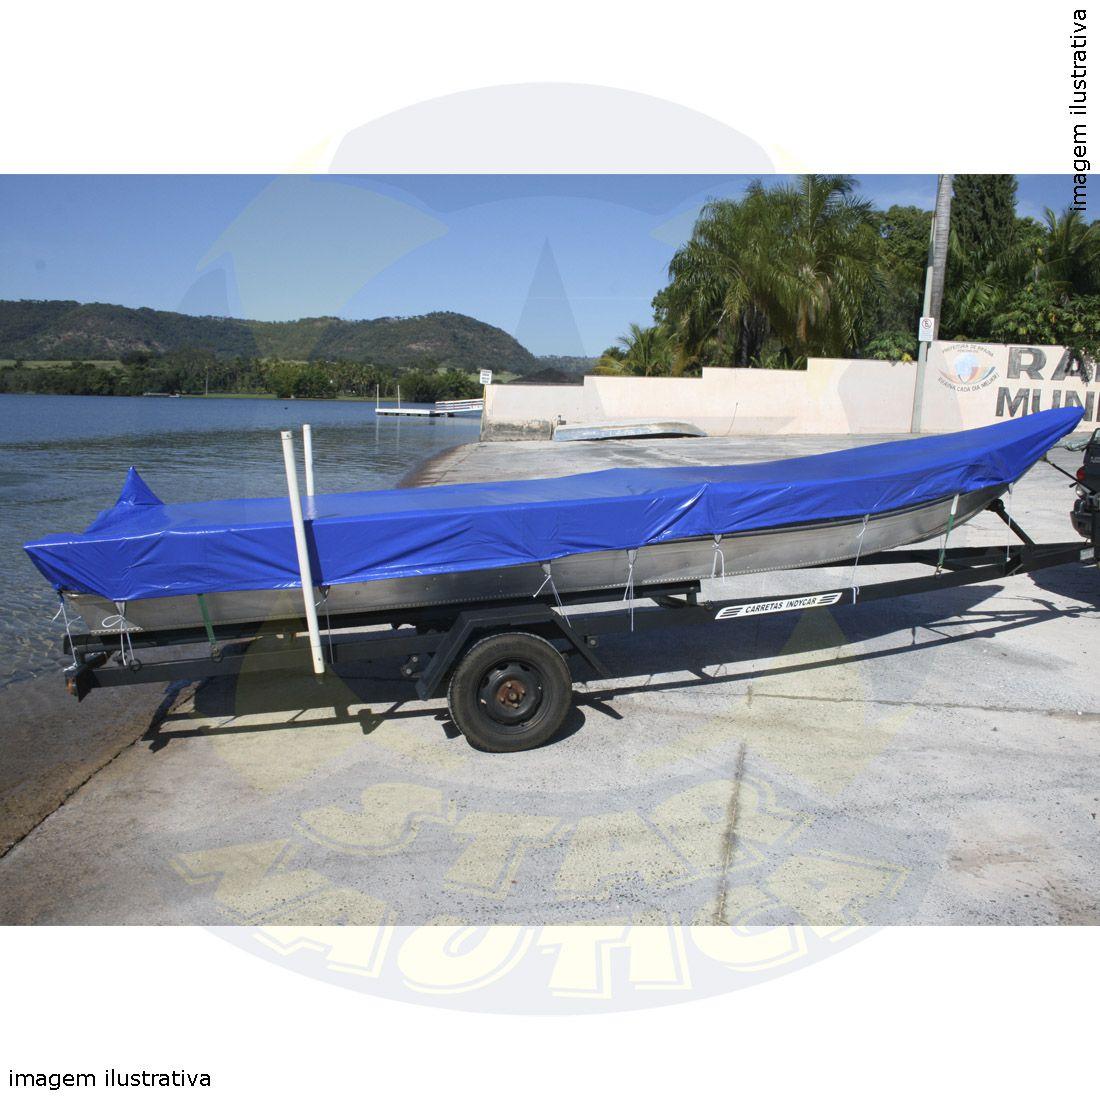 Capa Lona de Cobertura Barco Aruak 500 Lona Poliéster